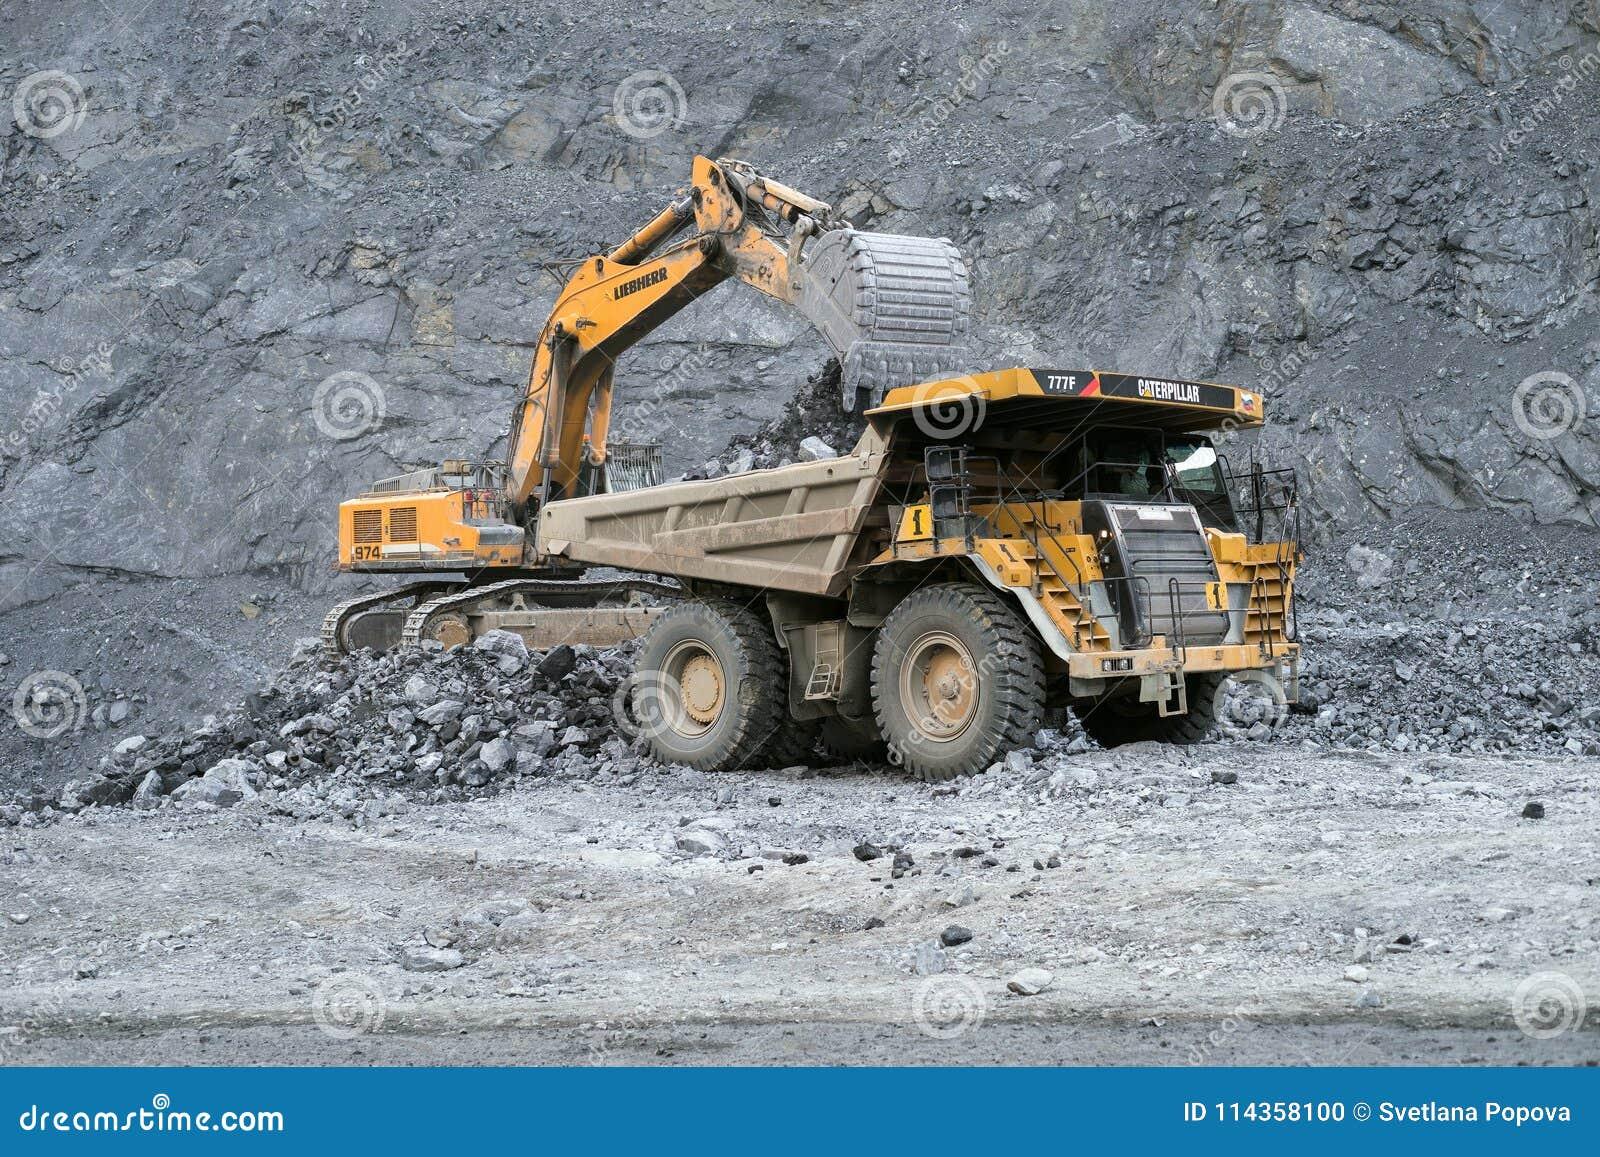 El excavador Liebherr carga el mineral en un camión volquete Caterpillar en el fondo de una mina